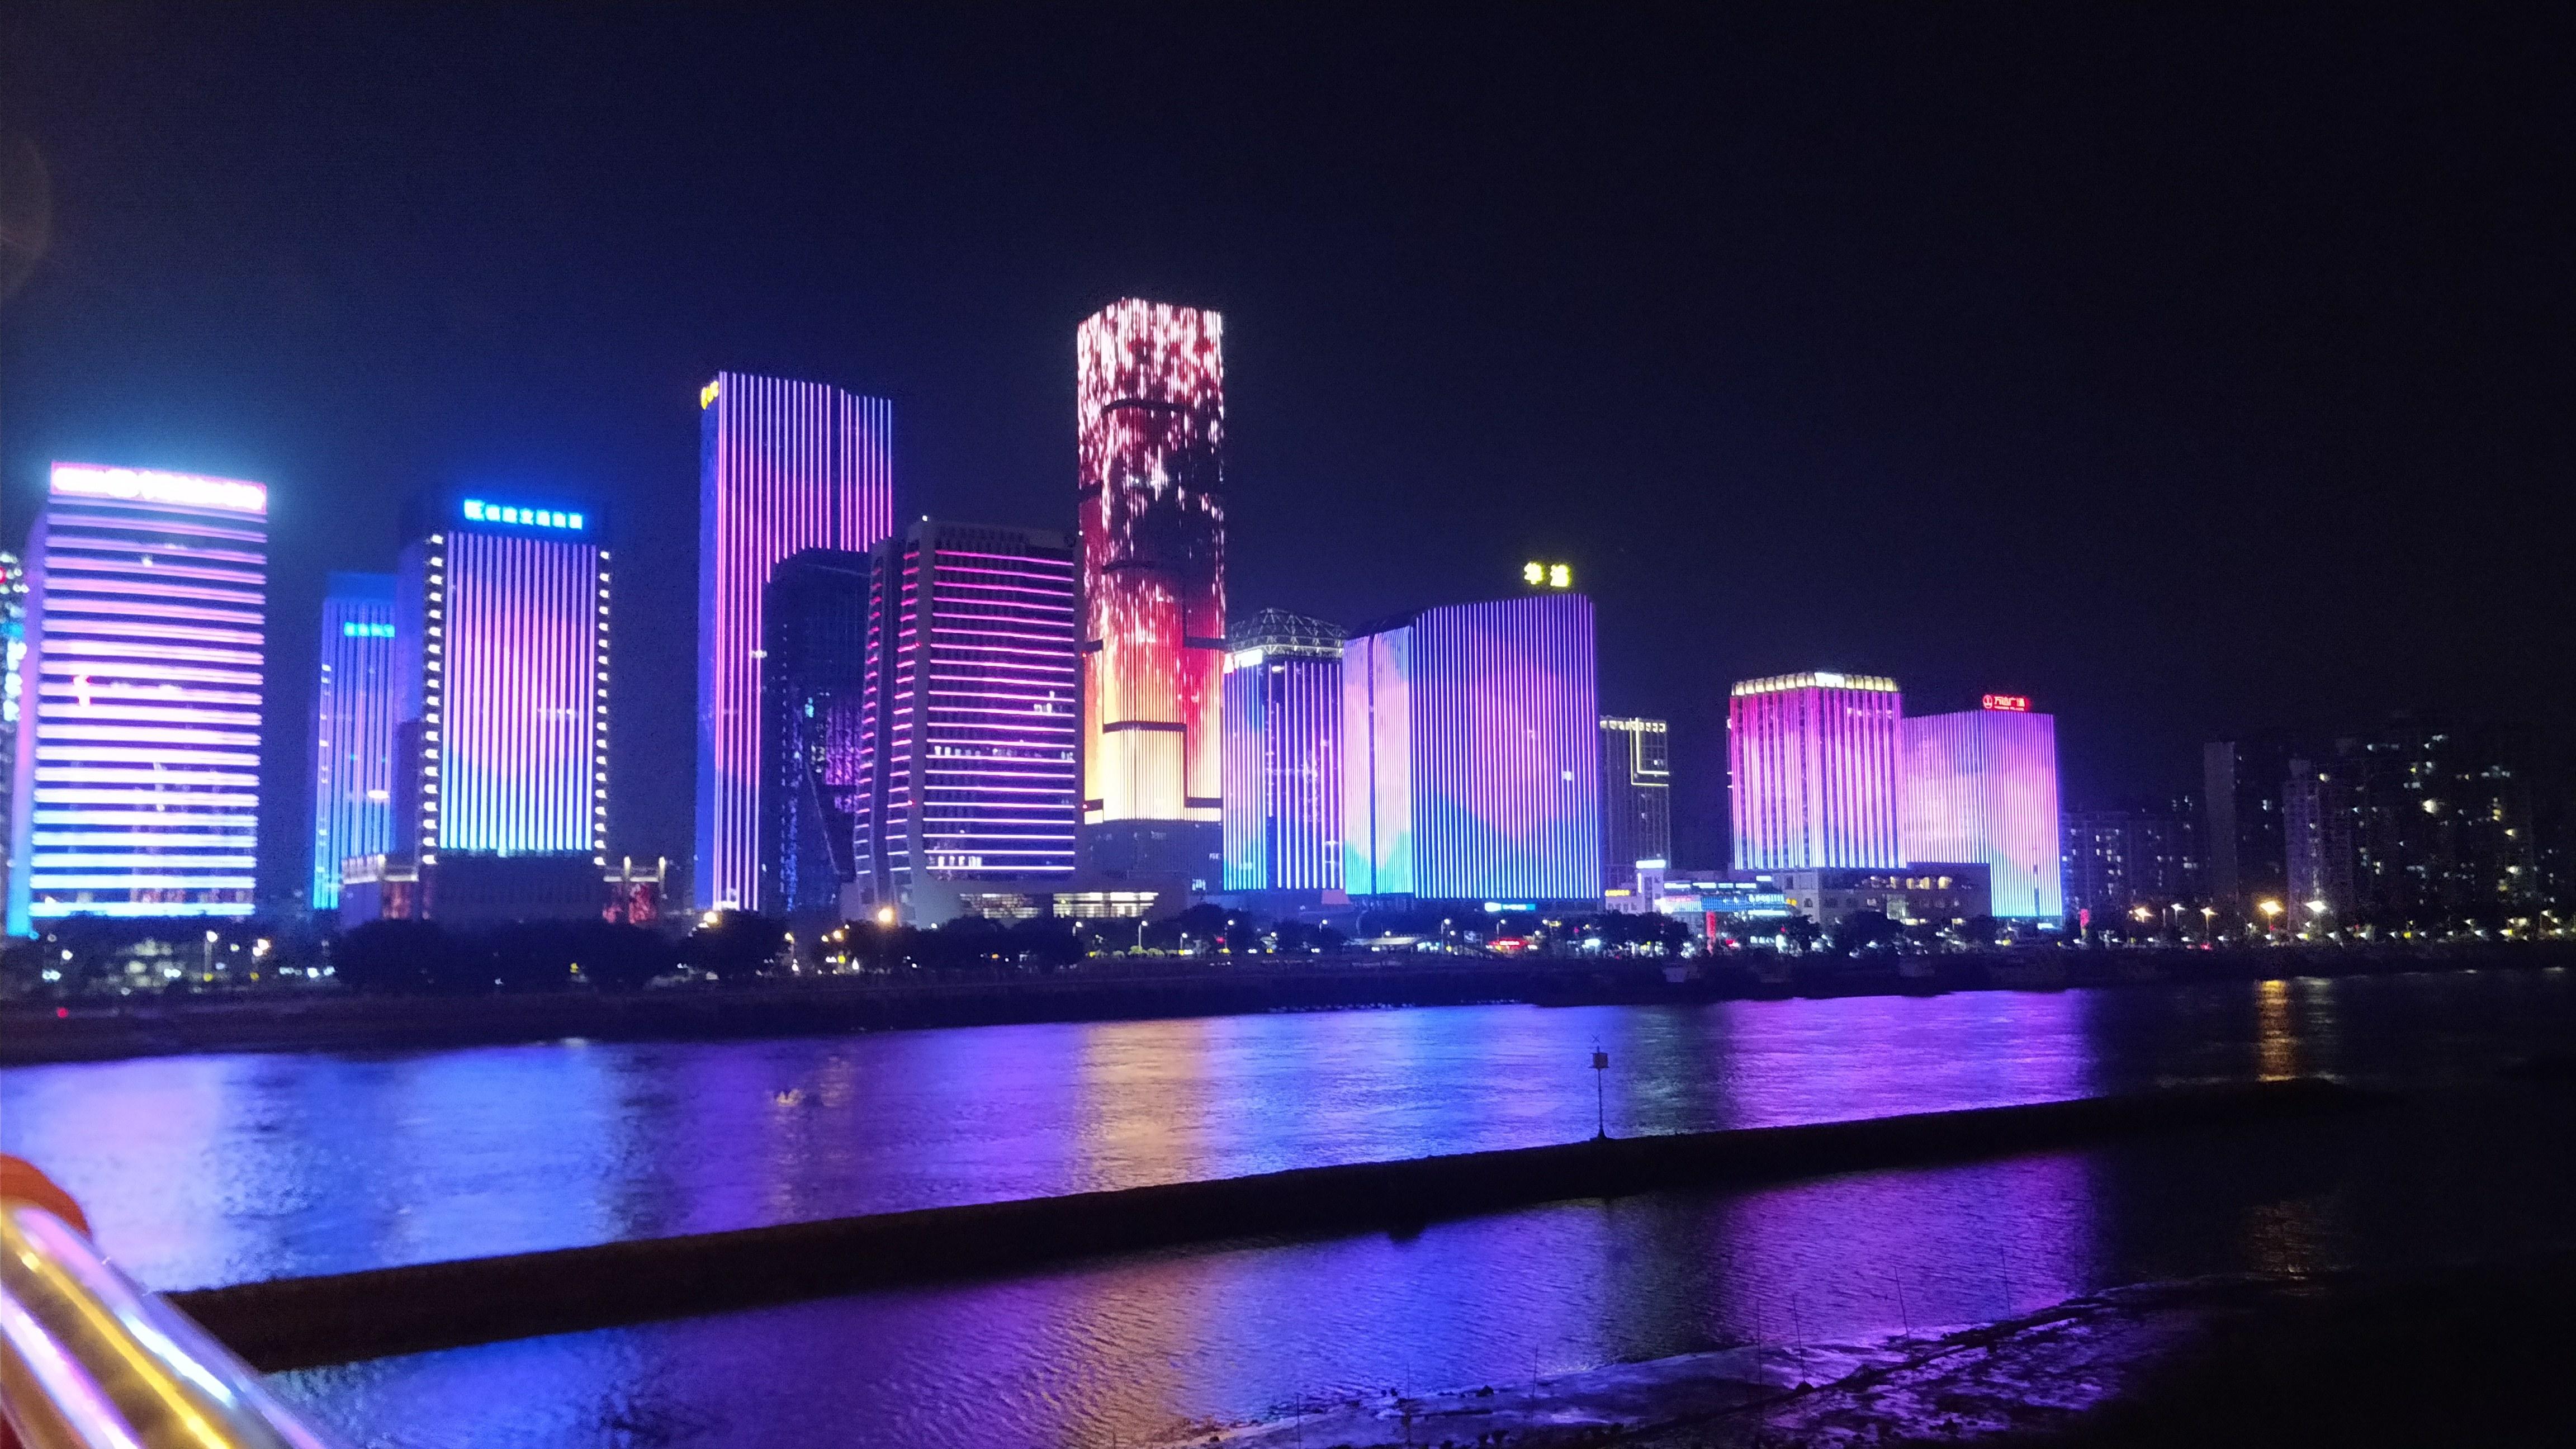 福州江滨公园夜景。-中关村在线摄影论坛